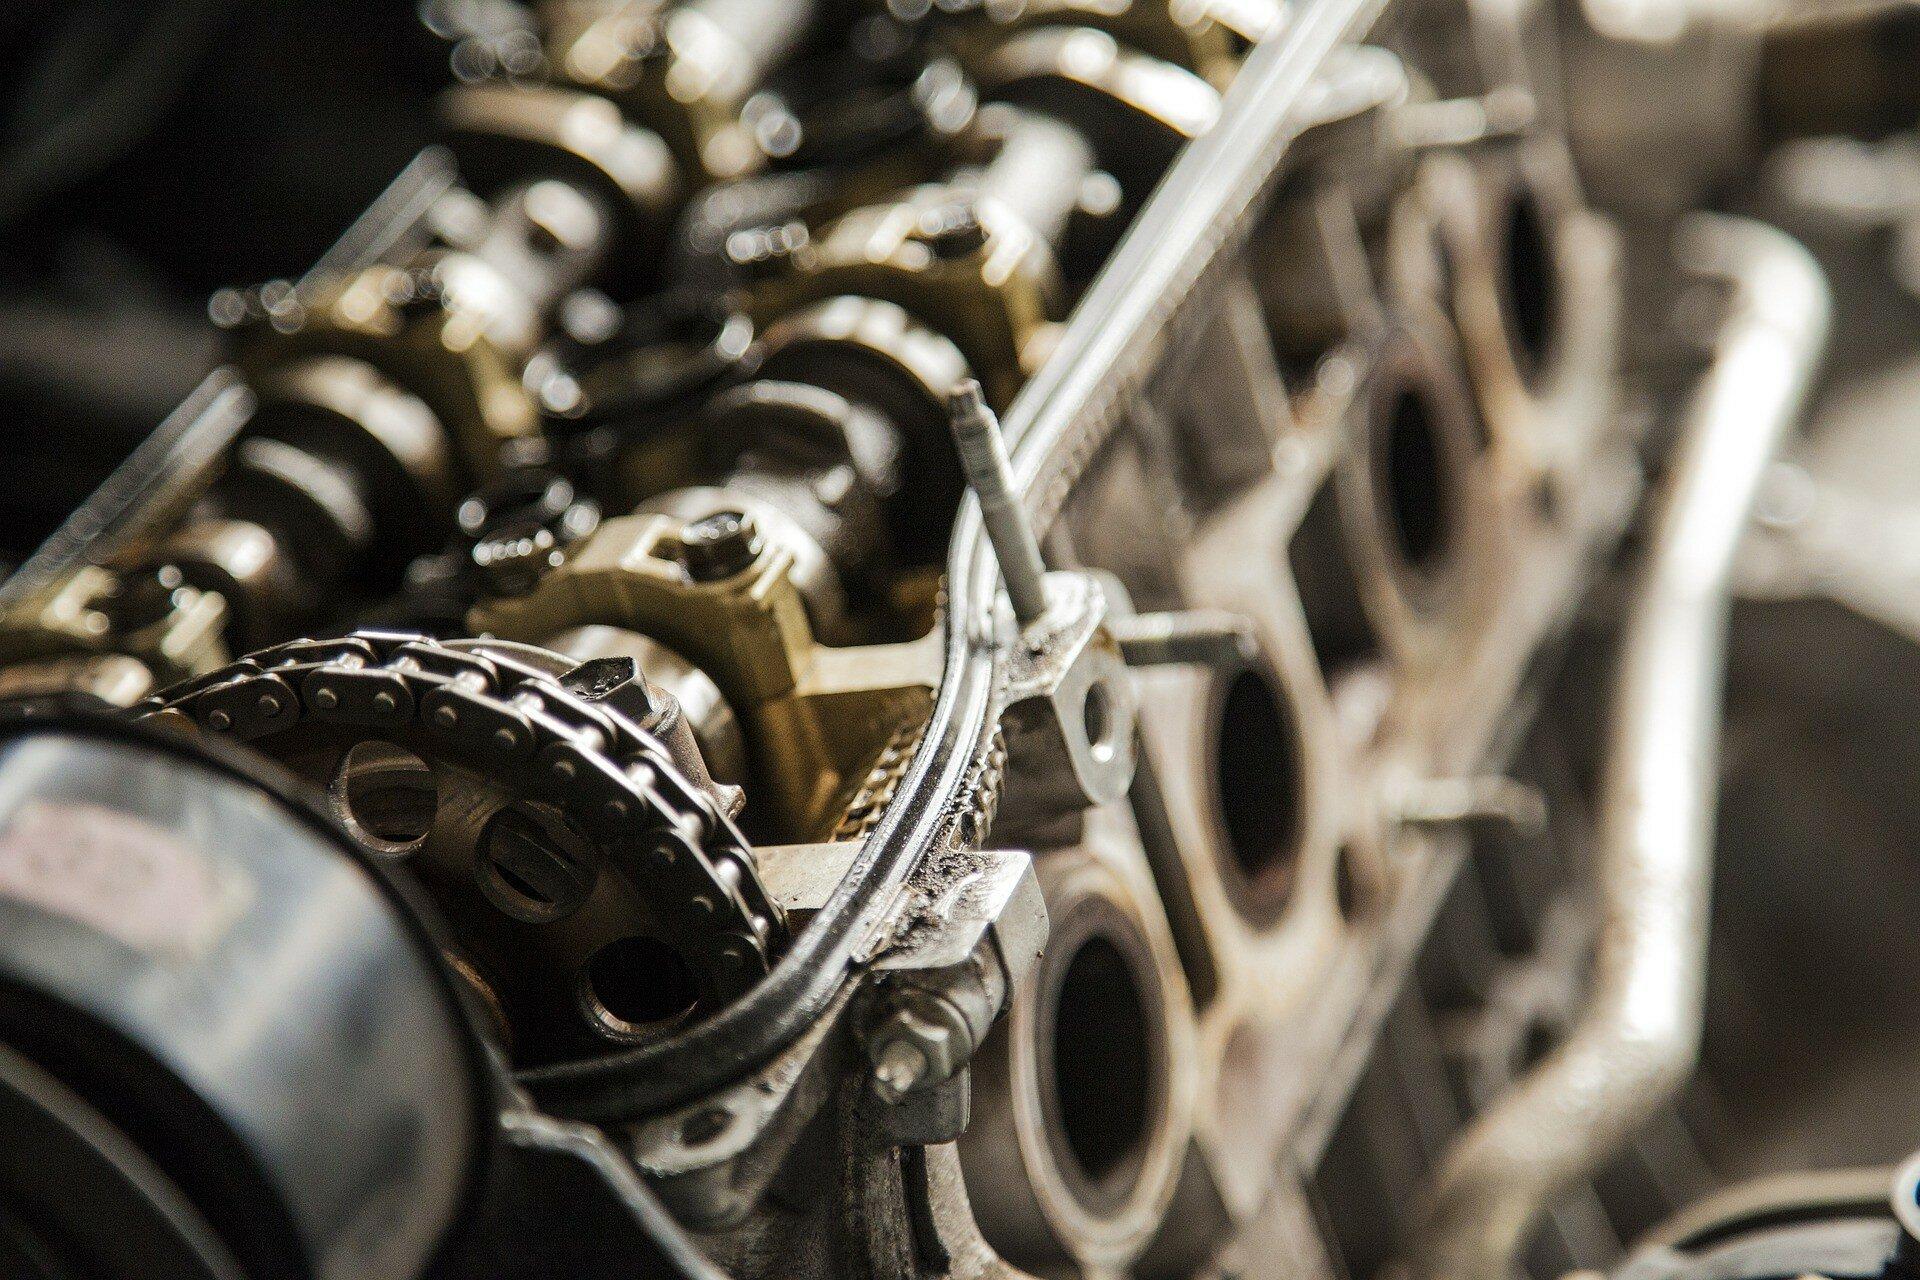 Какие автомобильные двигатели признаны самыми надежными